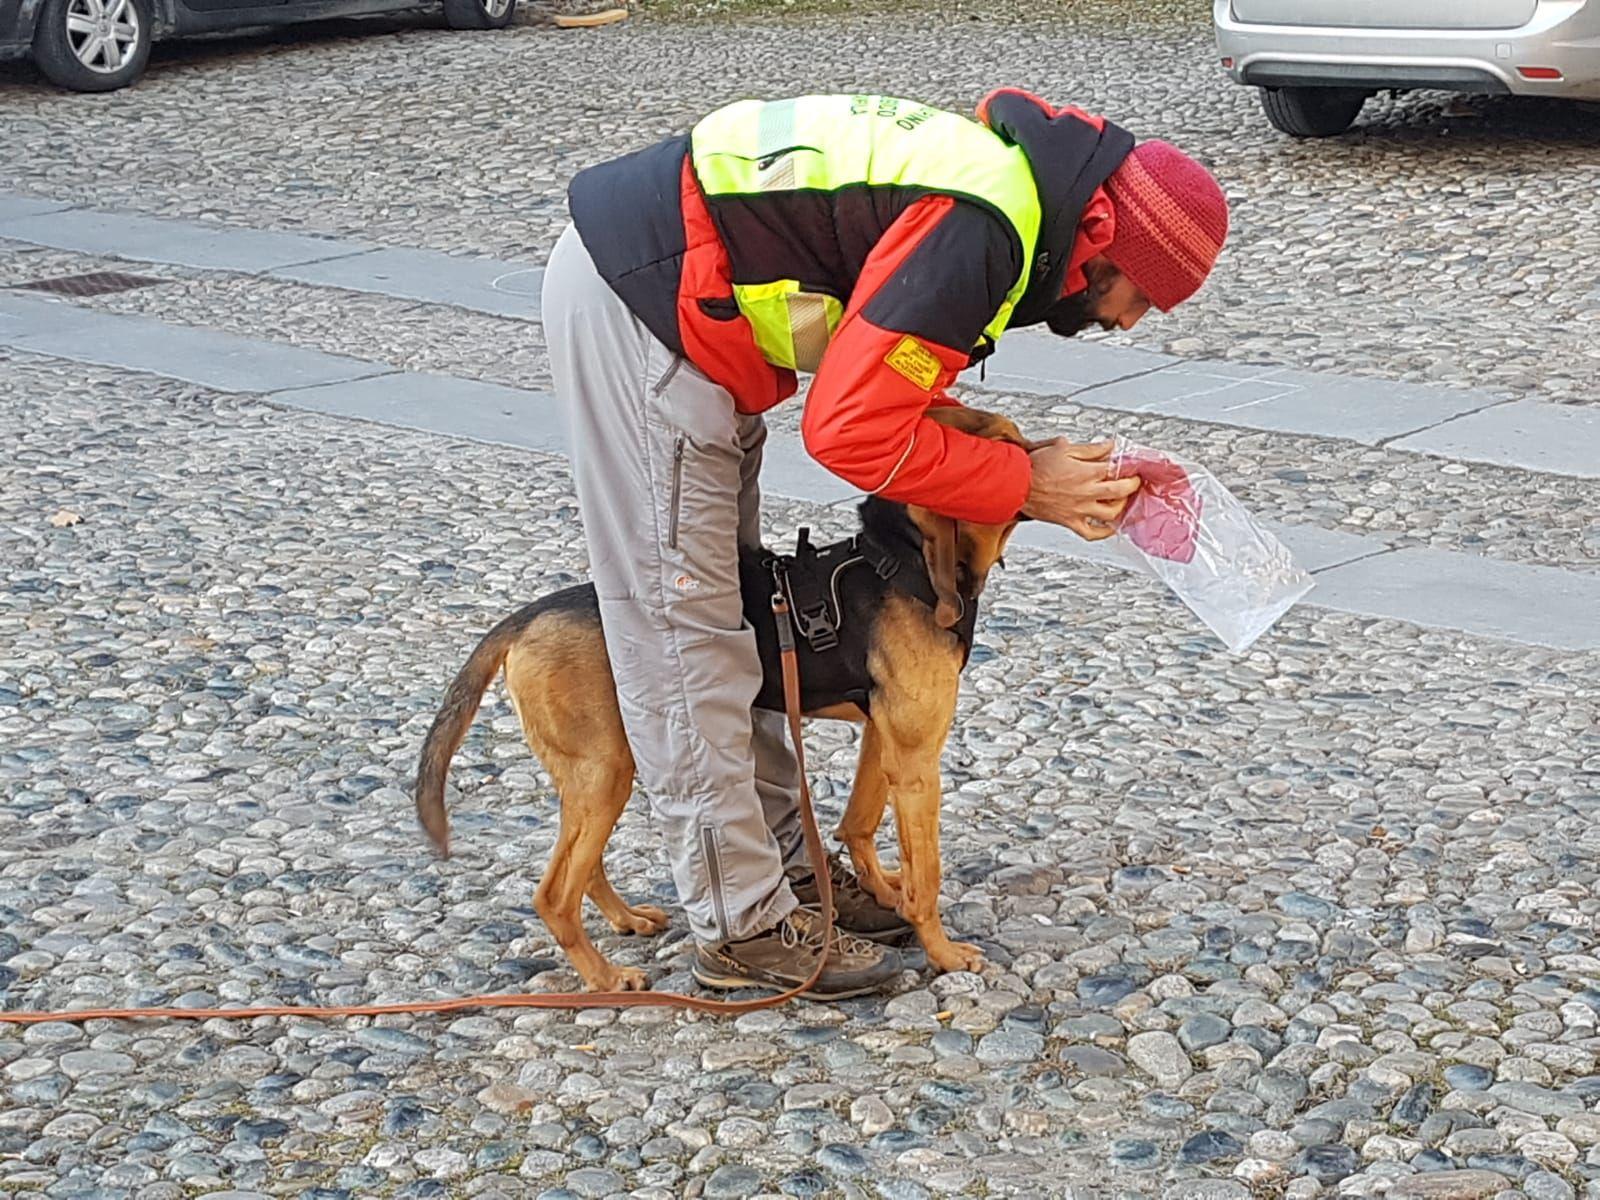 MONTALTO DORA - Unità cinofile del soccorso alpino in esercitazione